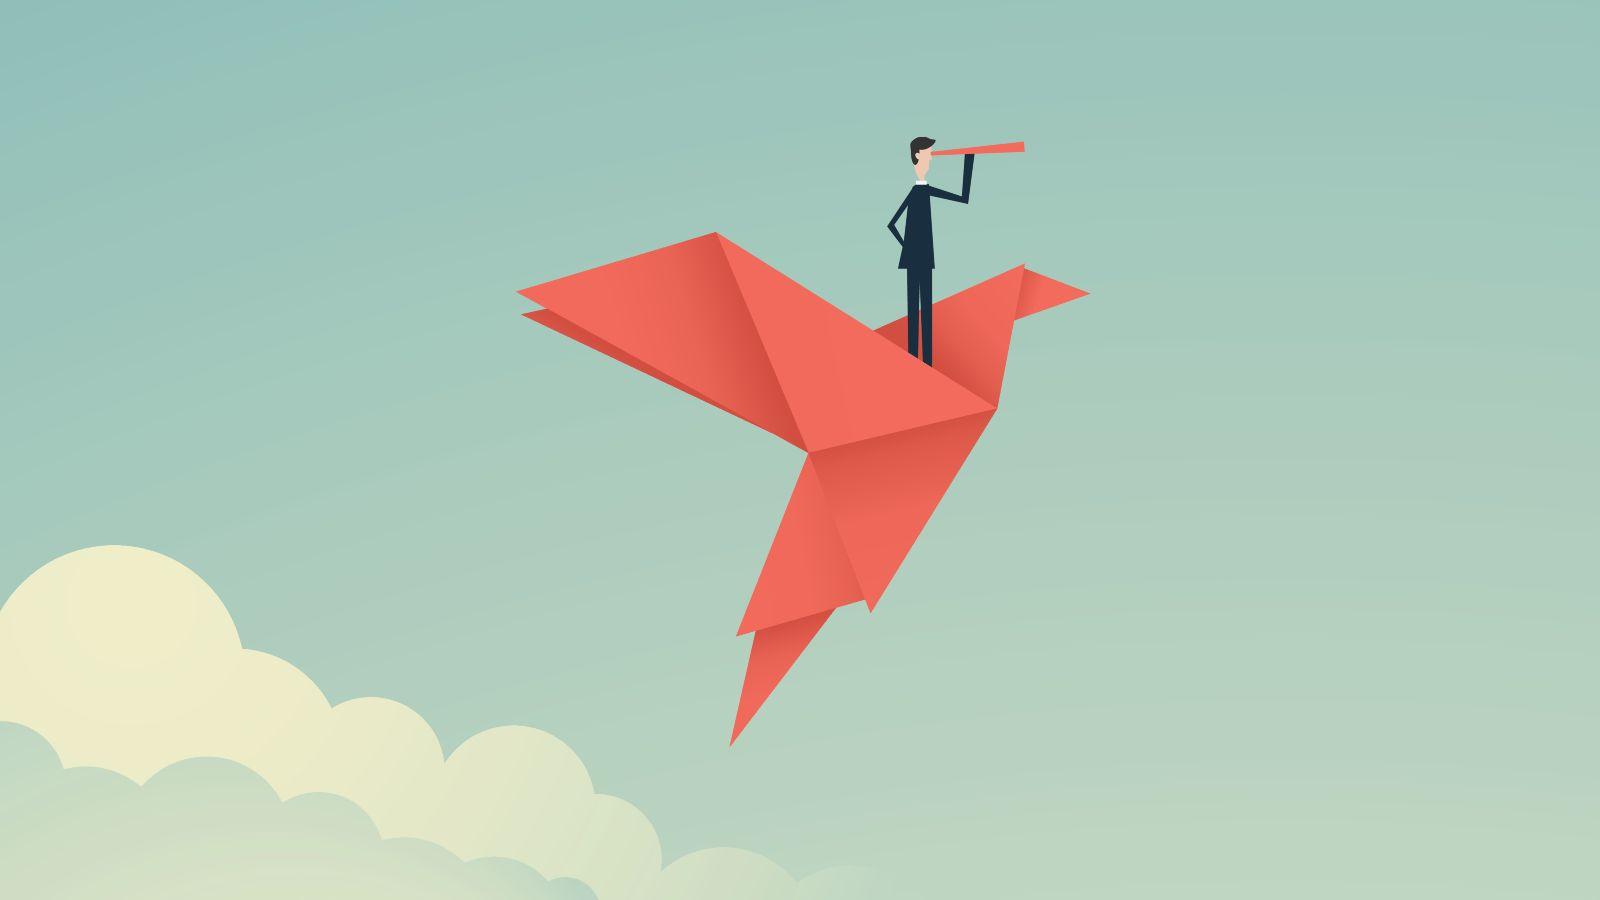 Das Bild ist eine Zeichnung. Es zeigt einen Mann mit einem Fernrohr, der auf einem gefalteten Vogel durch den Himmel fliegt.